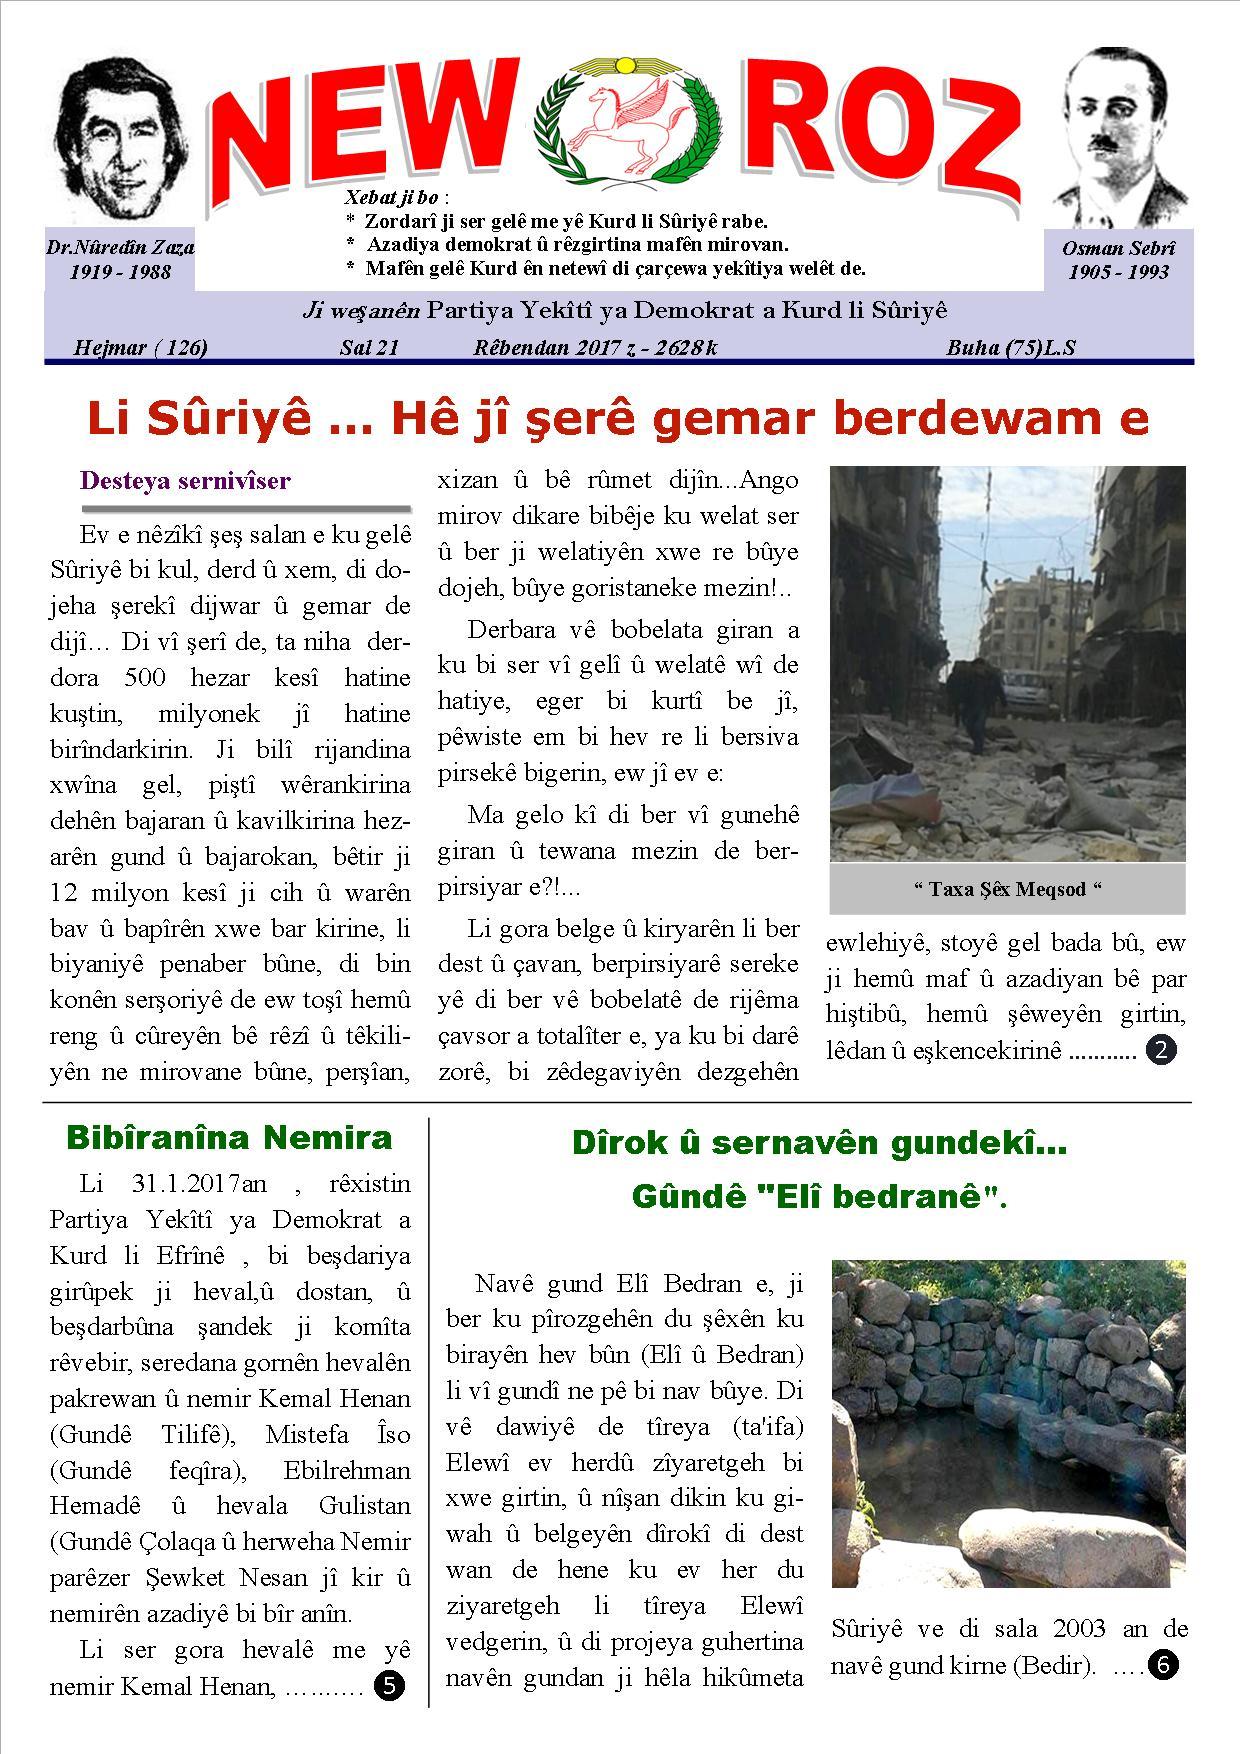 Newroz-126-1